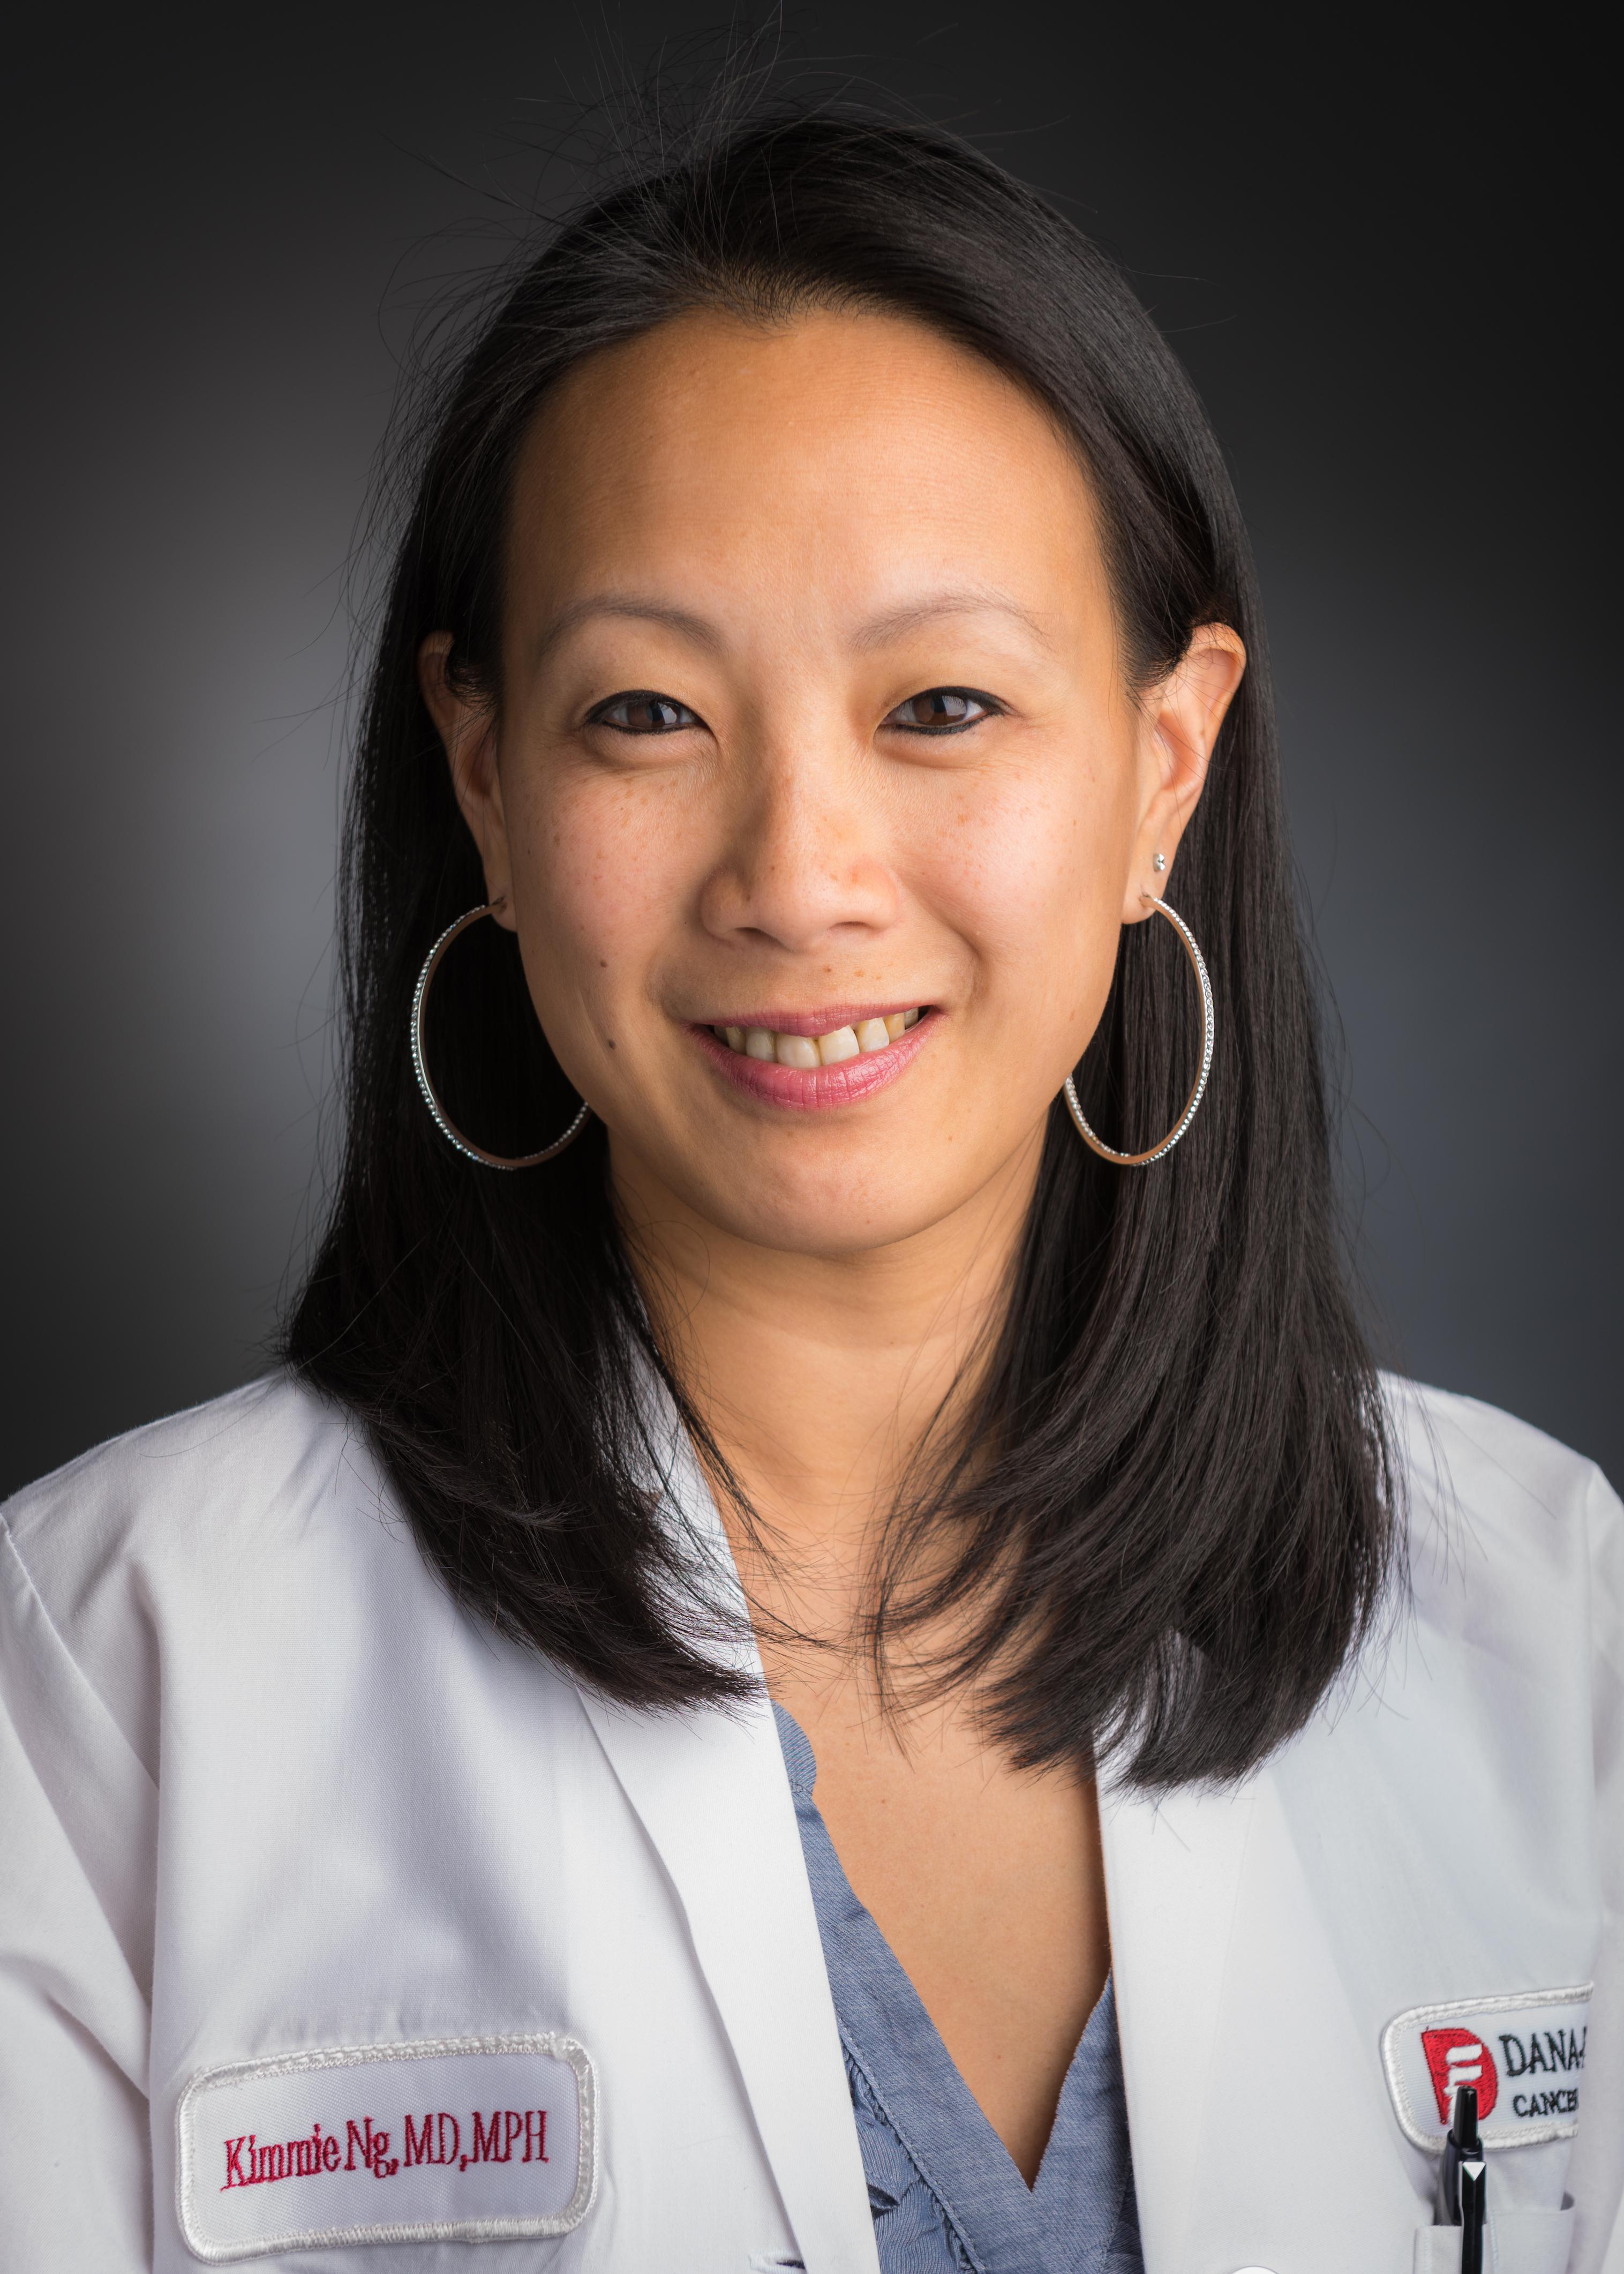 Kimmie Ng, MD